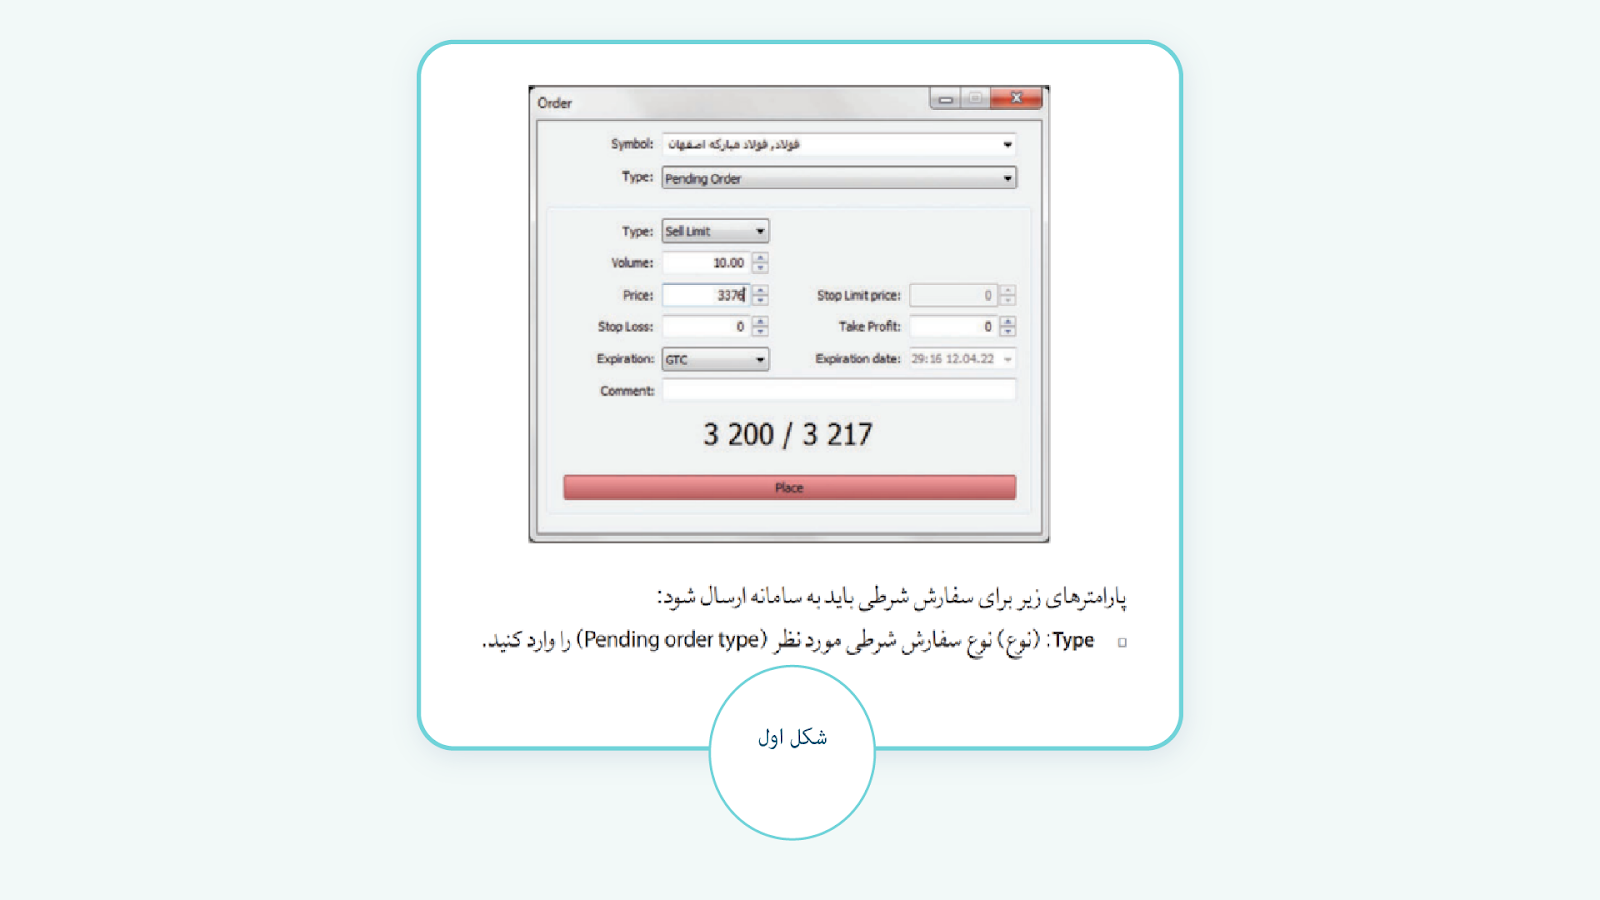 قرار دادن سفارش شرطی از طریق پنجره مدیریت سفارش